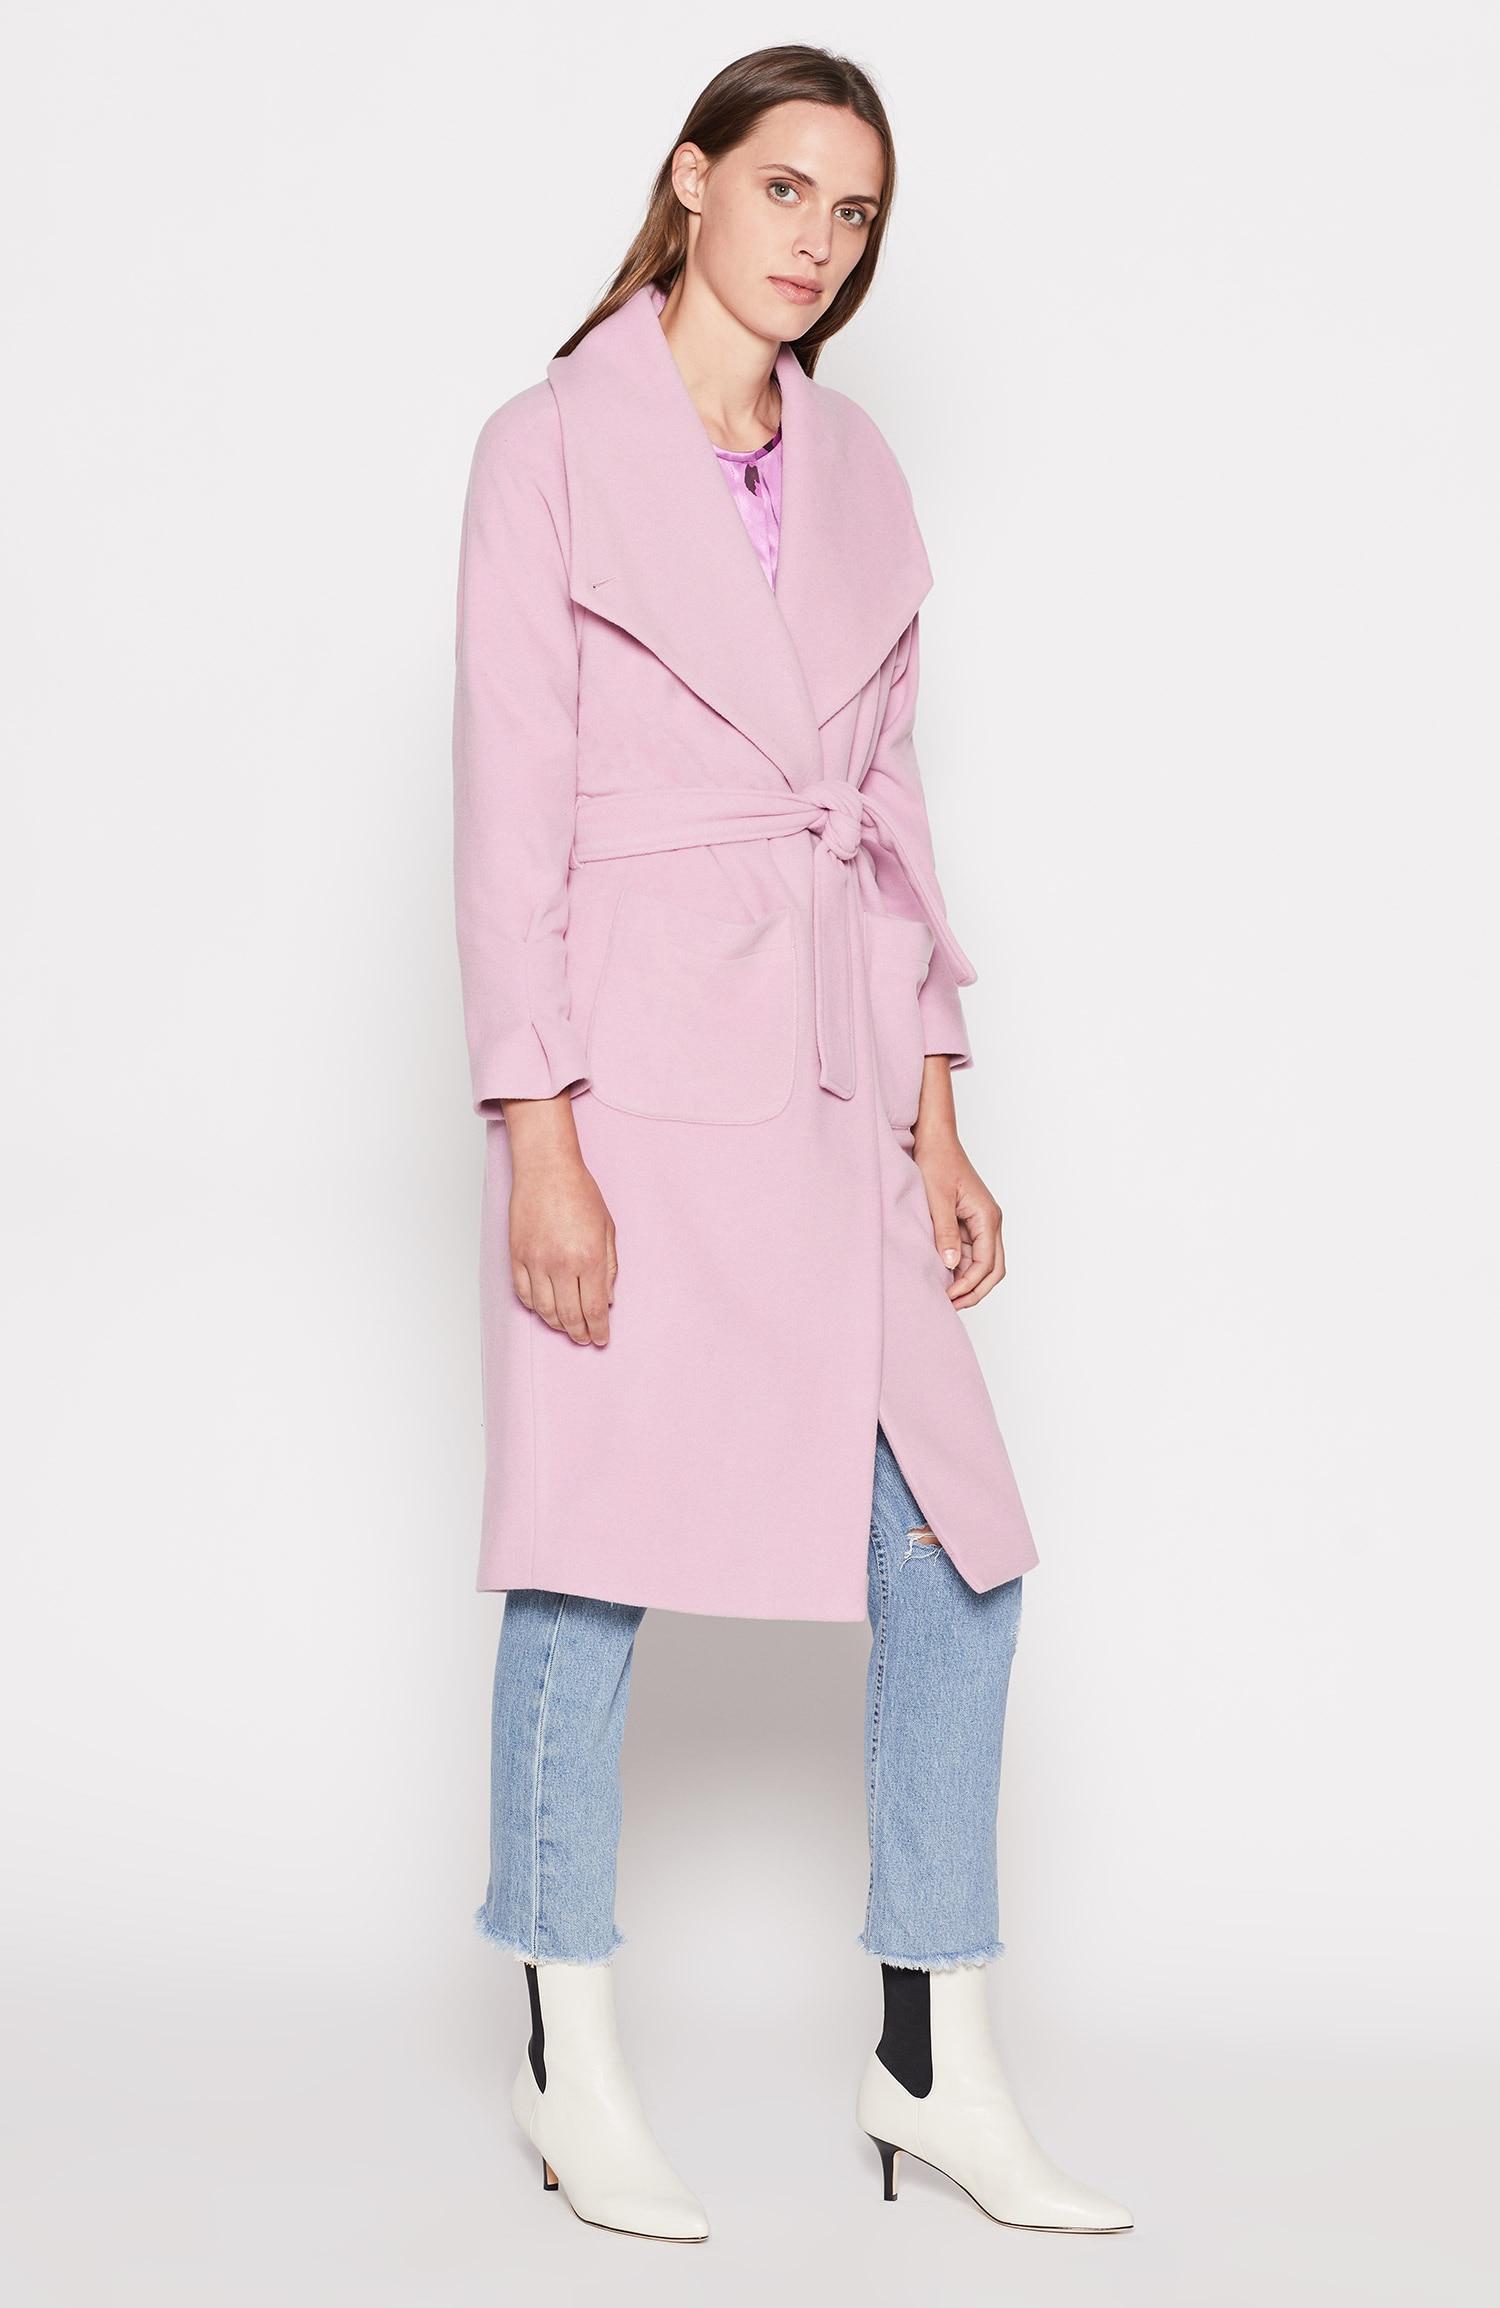 Joie Johnette Coat in Pink - Lyst fcaa1ec07